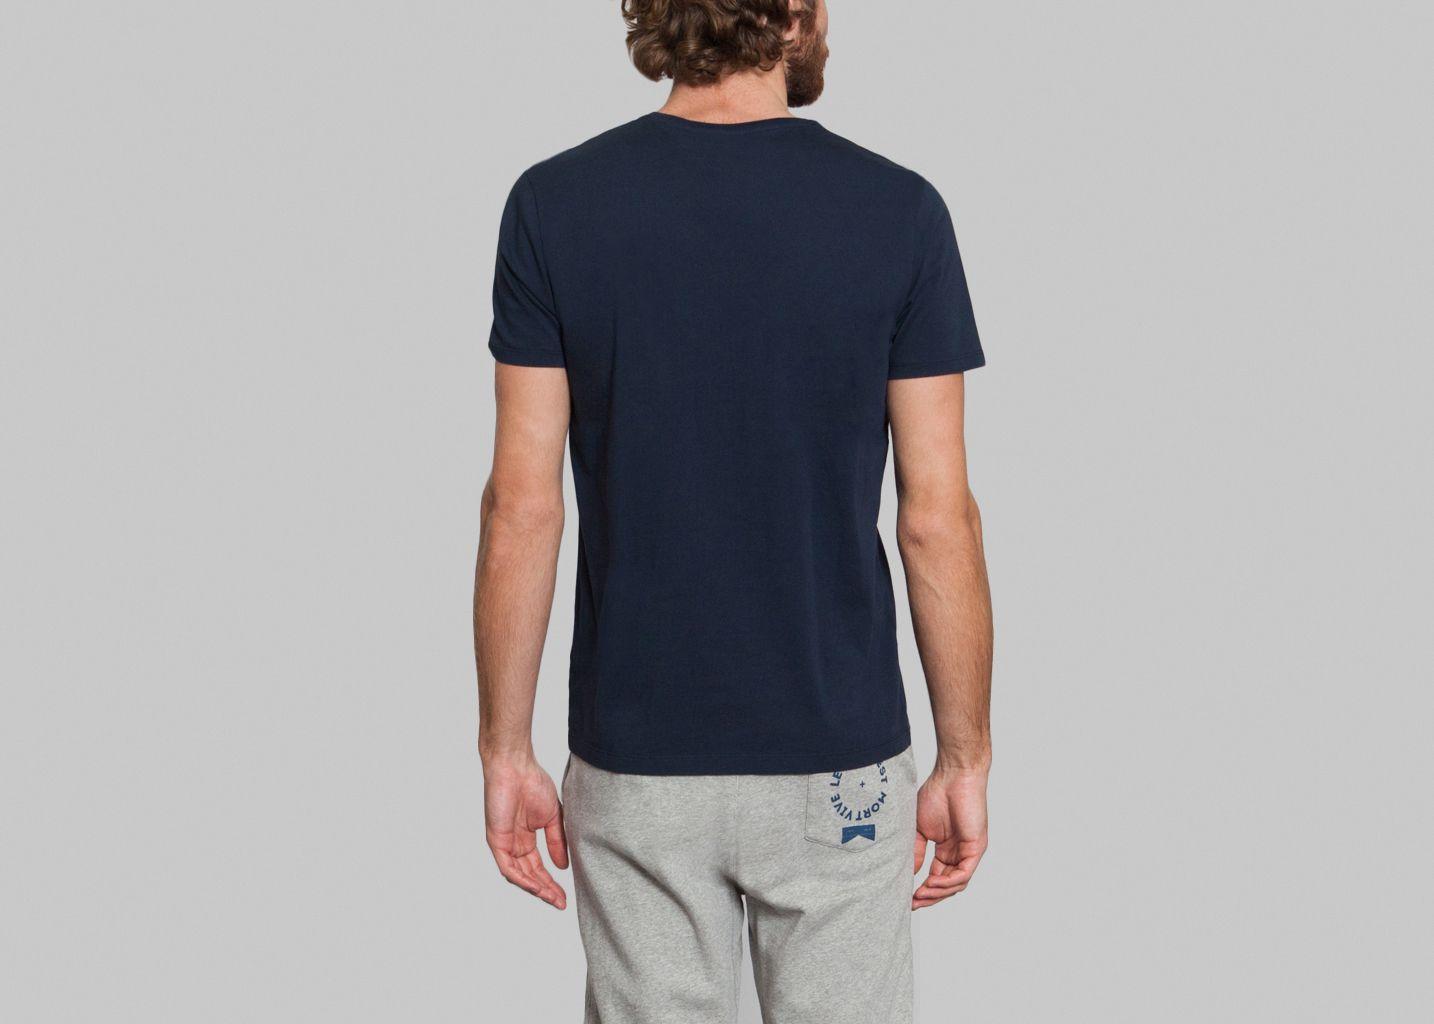 T Shirt Forum - Commune de Paris